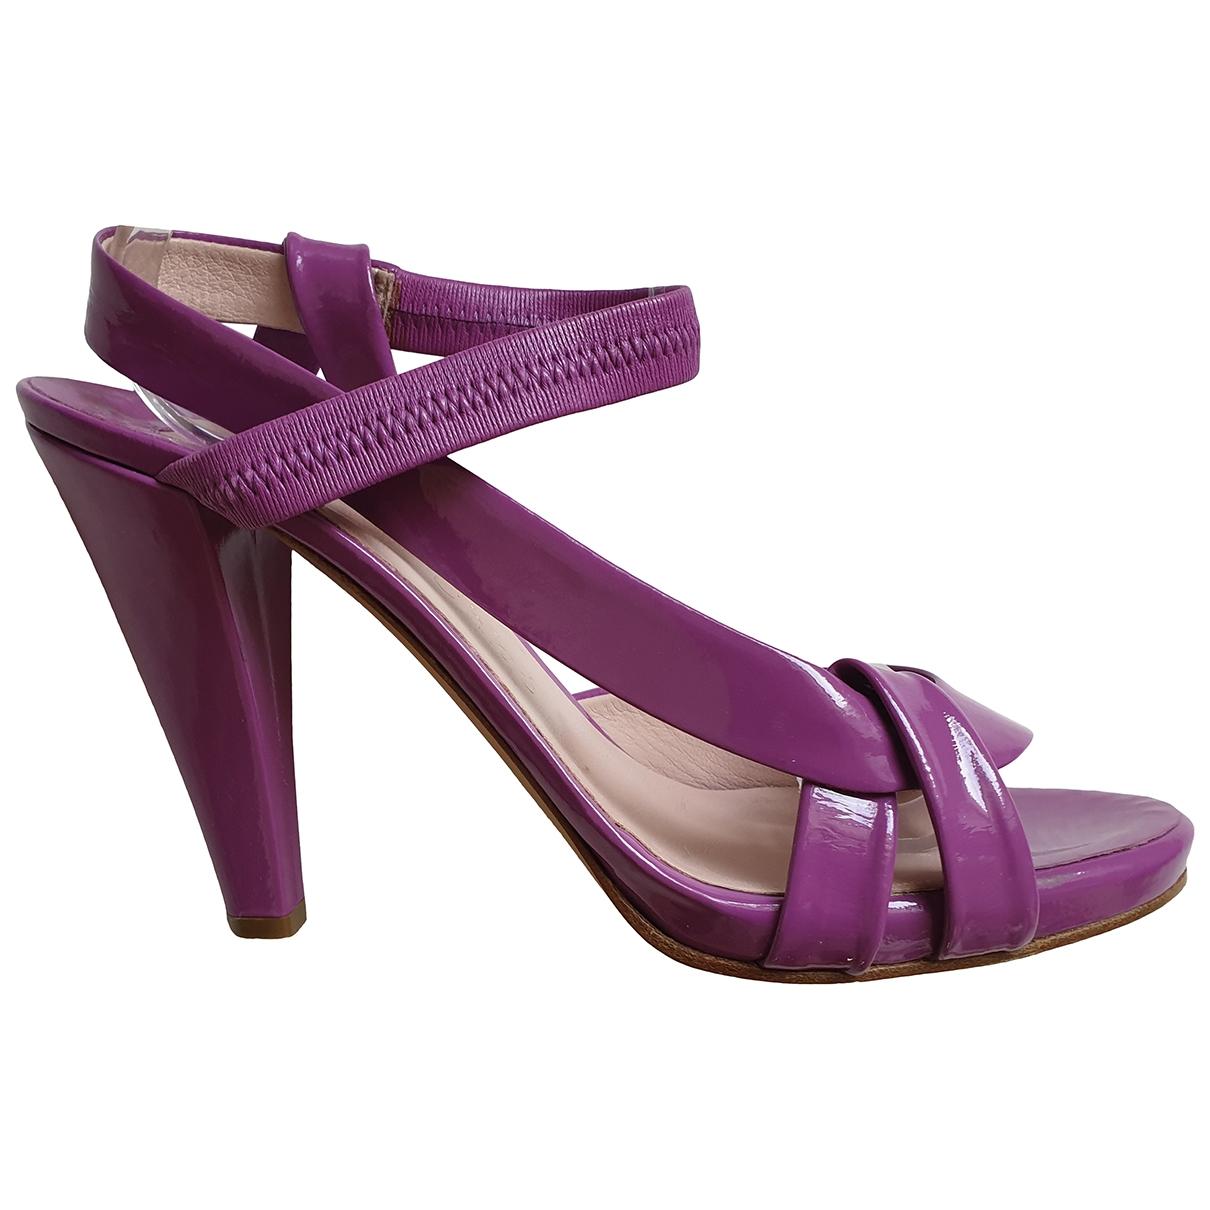 Chloe - Sandales   pour femme en cuir verni - violet